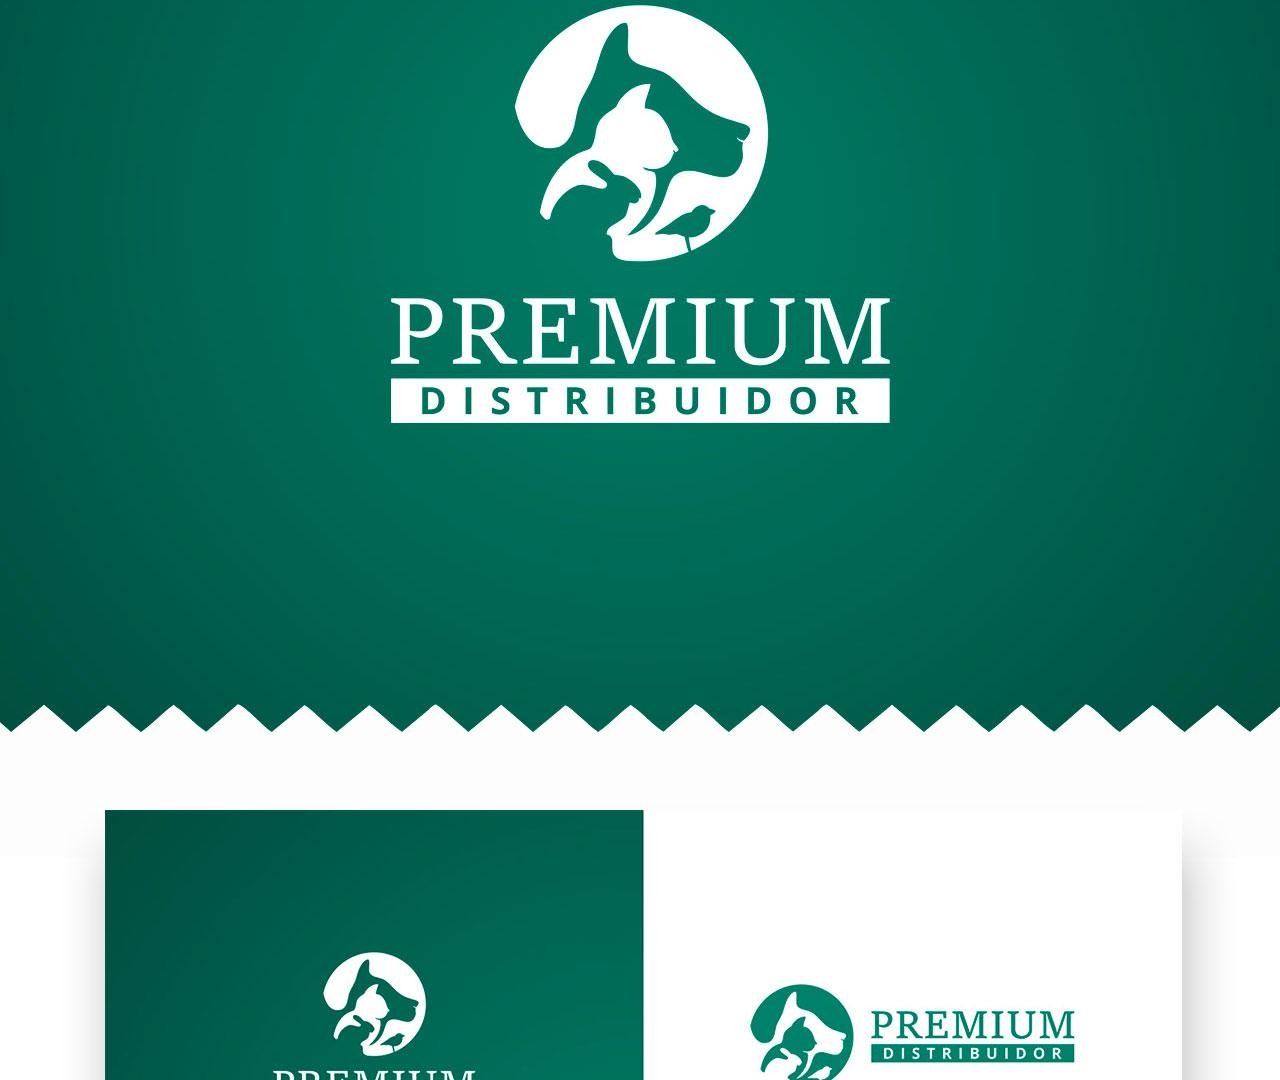 APRESENTAÇÃO DE PORTFÓLIO Premium distribuidor 02